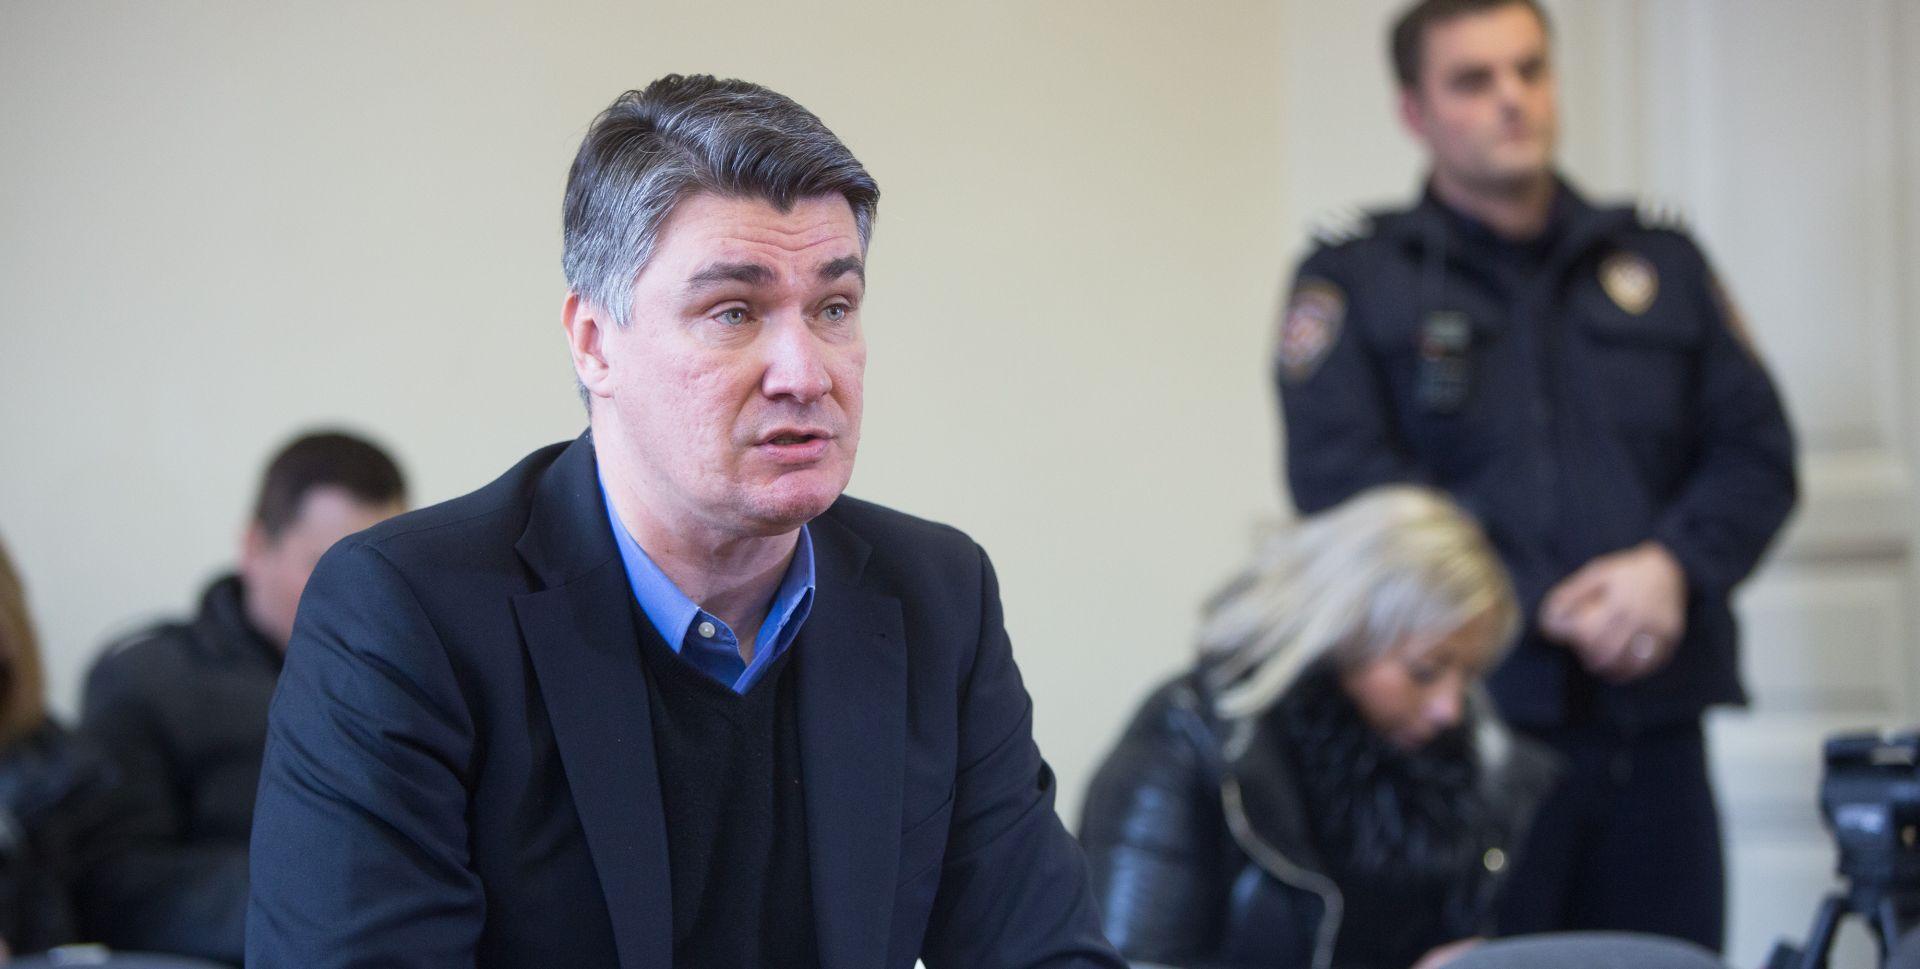 """MILANOVIĆ """"Zdravko Marić je primjer balkanskog džeparenja. Takvima treba reći: 'Marš van'"""""""